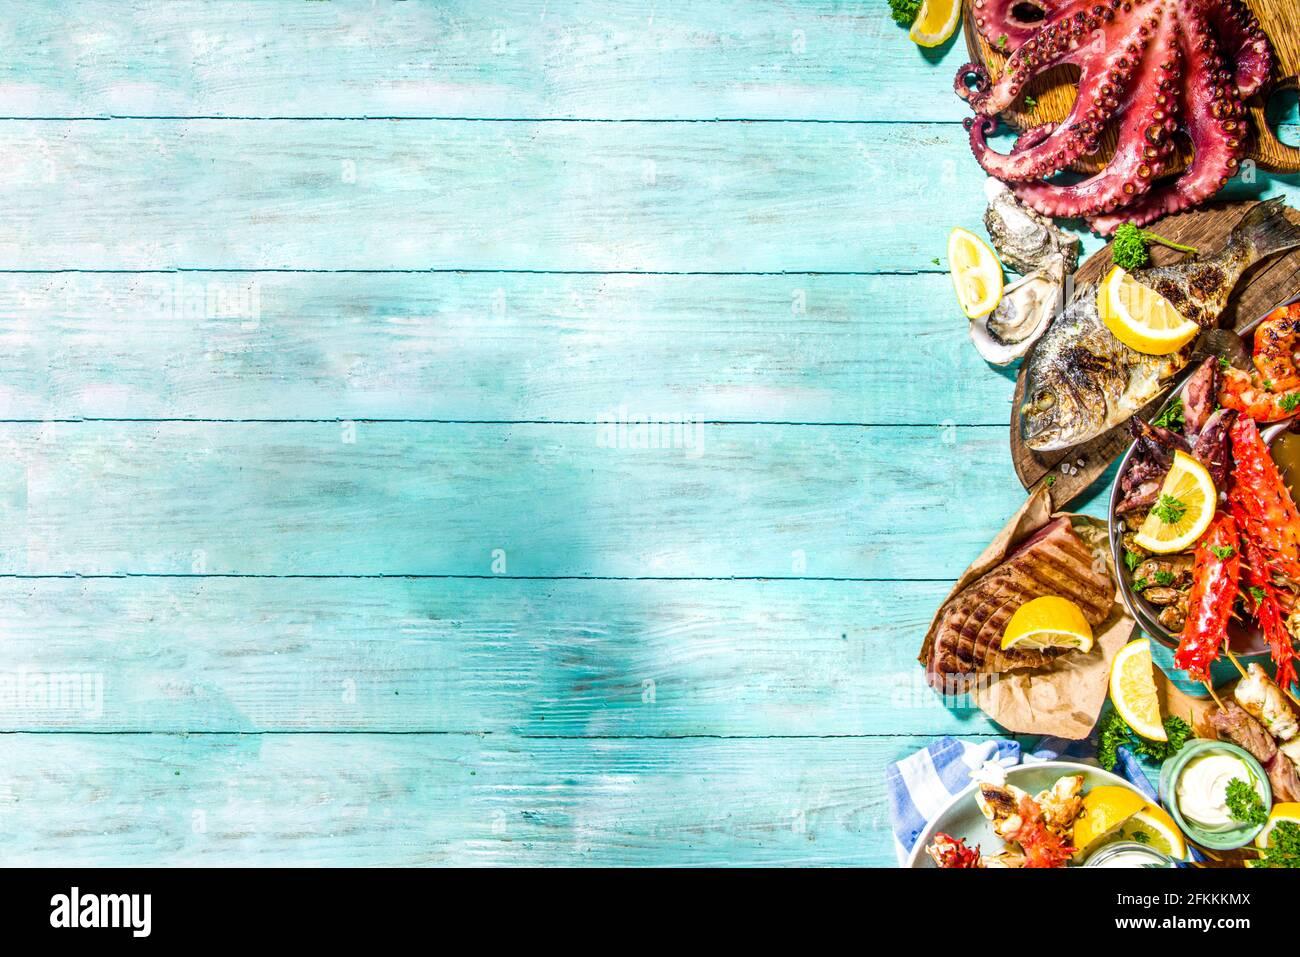 Sortiment verschiedene Grill mediterrane Grillgerichte - Fisch, Kraken, Garnelen, Krabben, Meeresfrüchte, Miesmuscheln, Sommerdiät grillfest, mit Kebab, Saucen, Stockfoto